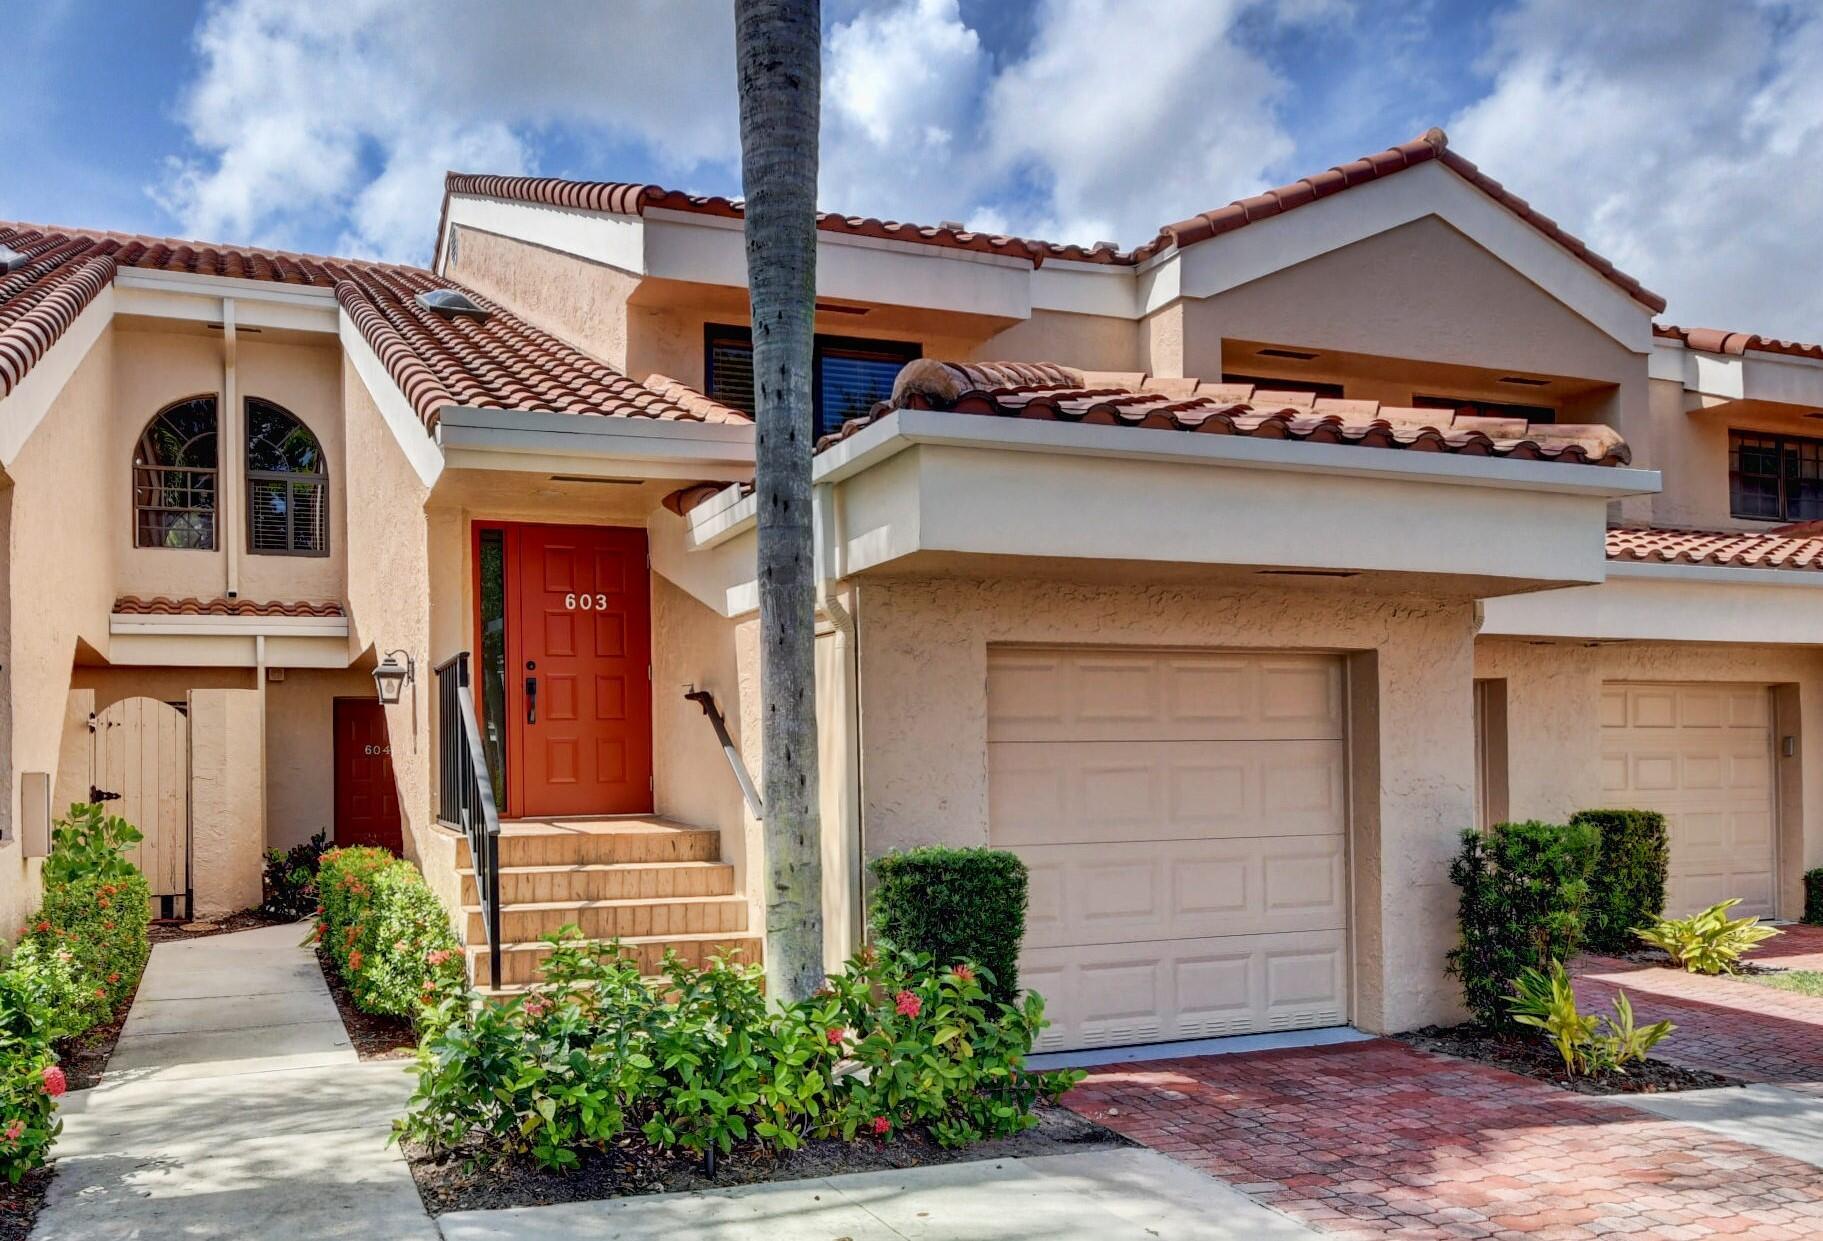 17348  Boca Club Boulevard 603 For Sale 10750742, FL